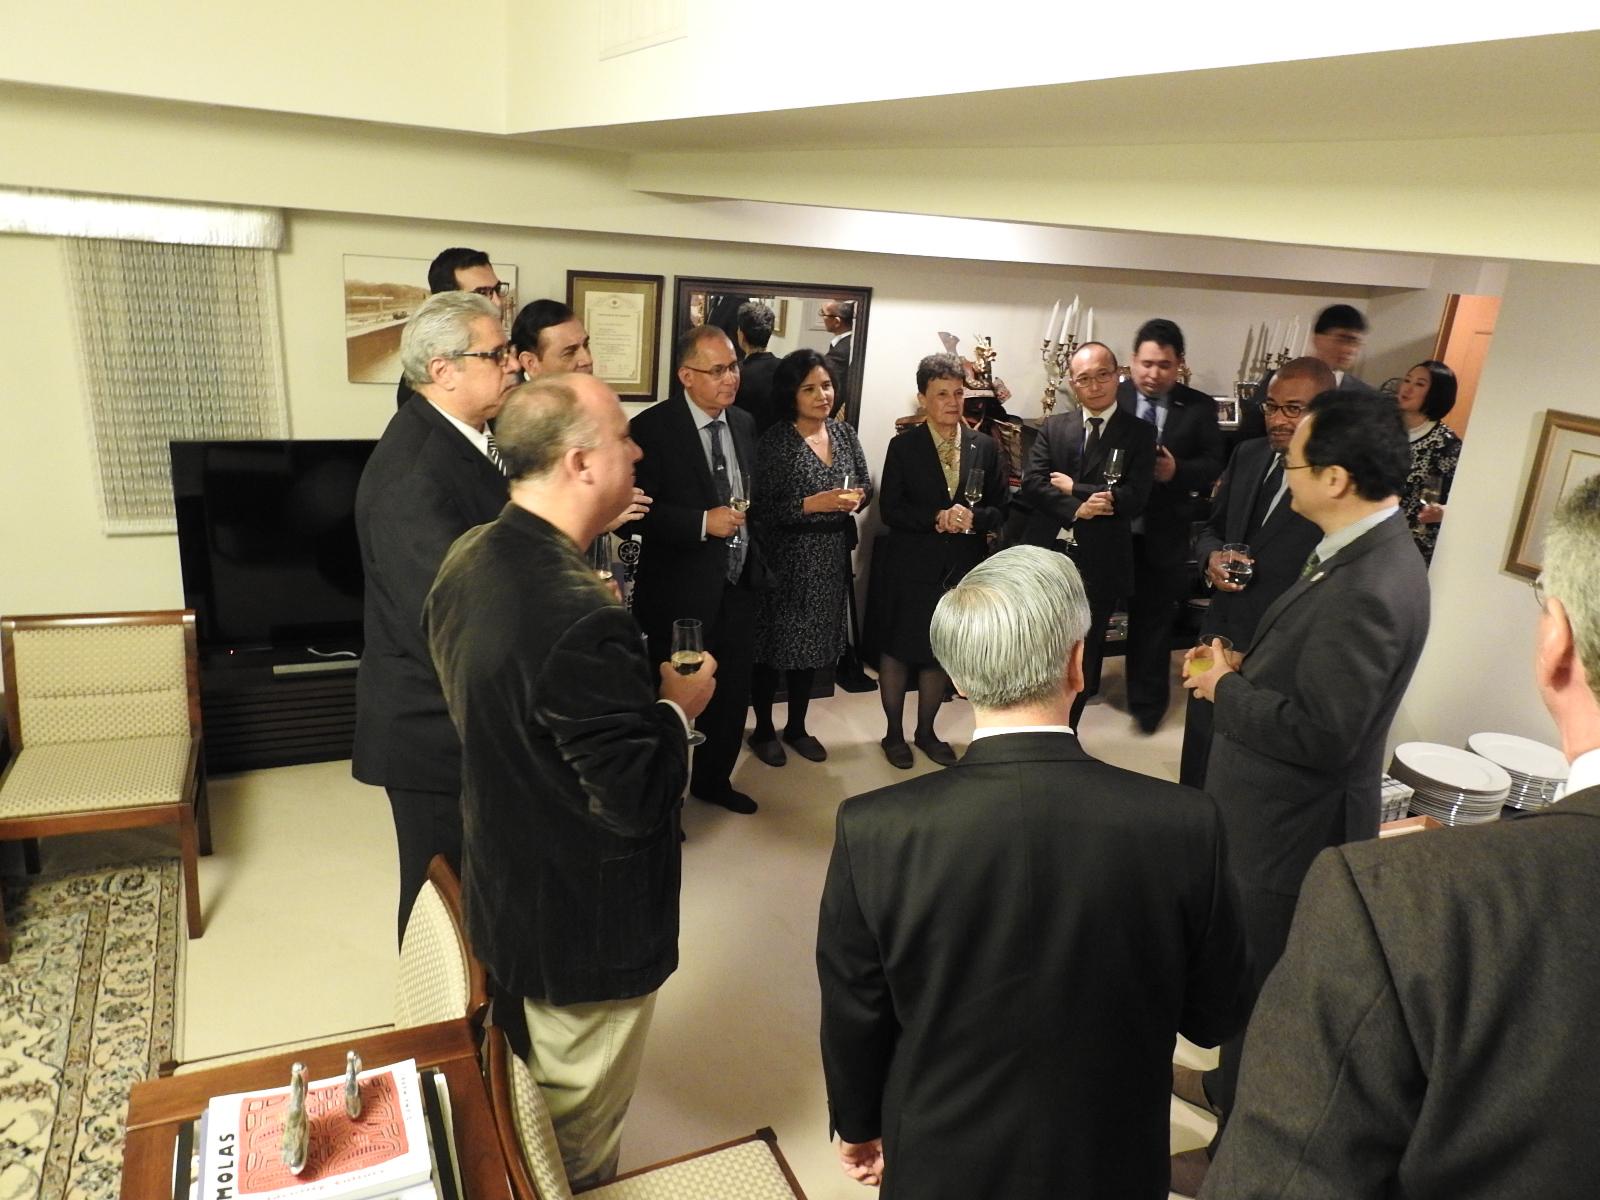 外務省中前隆博中南米局長による挨拶